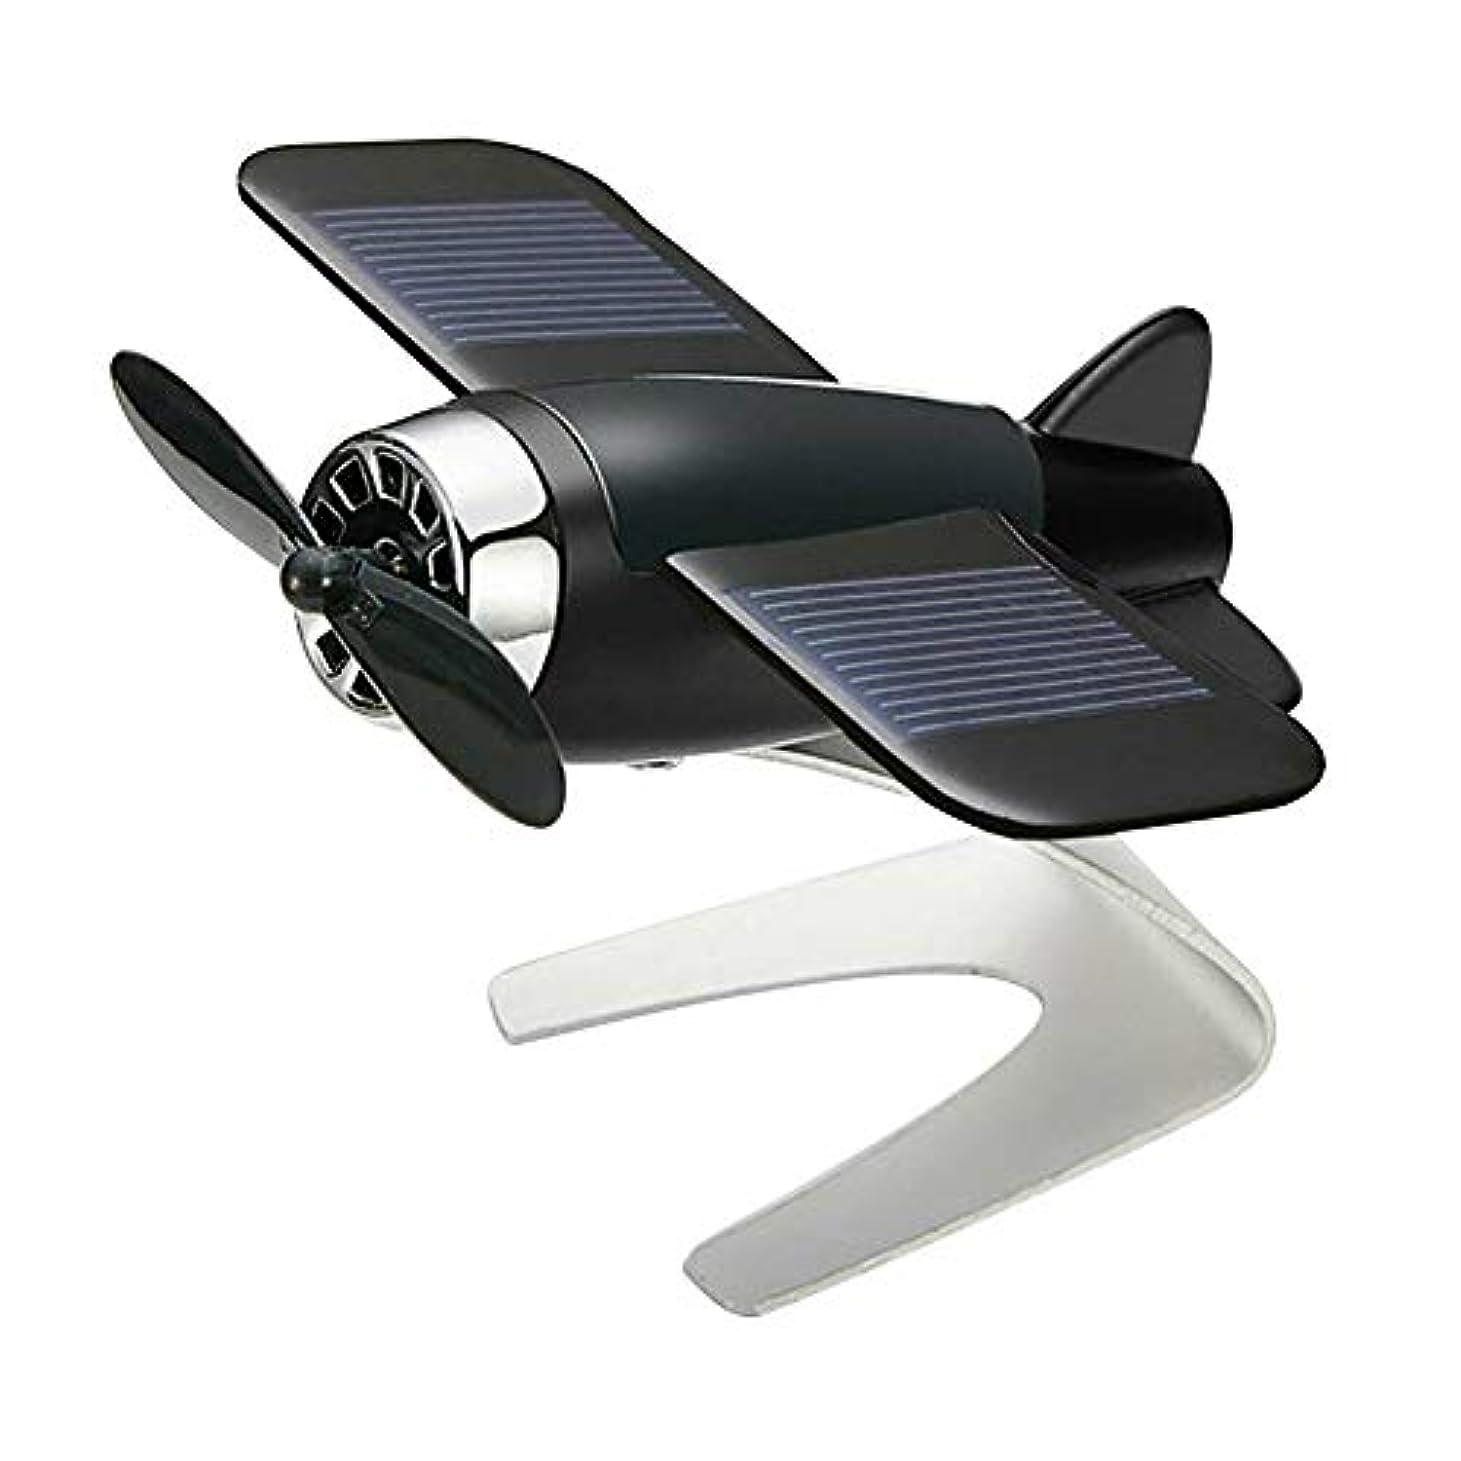 ピジンファイル物理的なSymboat 車の芳香剤飛行機航空機モデル太陽エネルギーアロマテラピー室内装飾